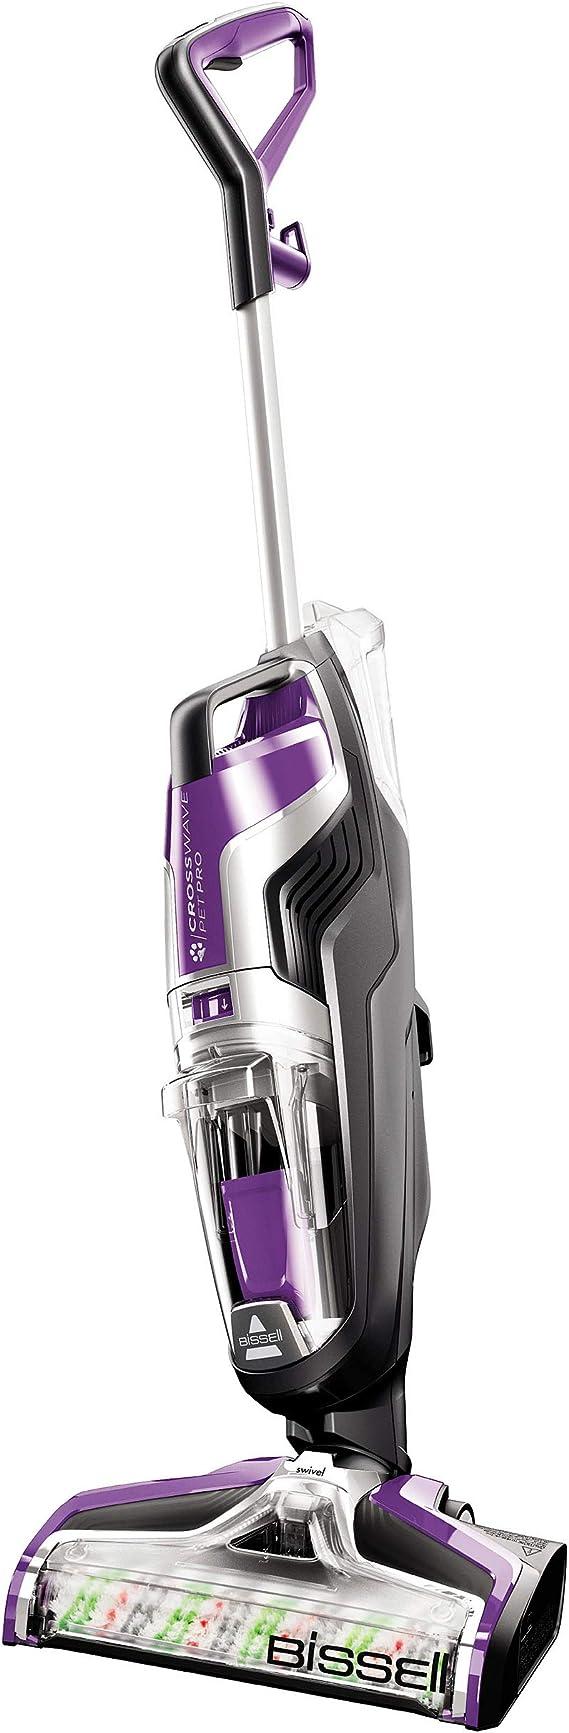 the vacuum